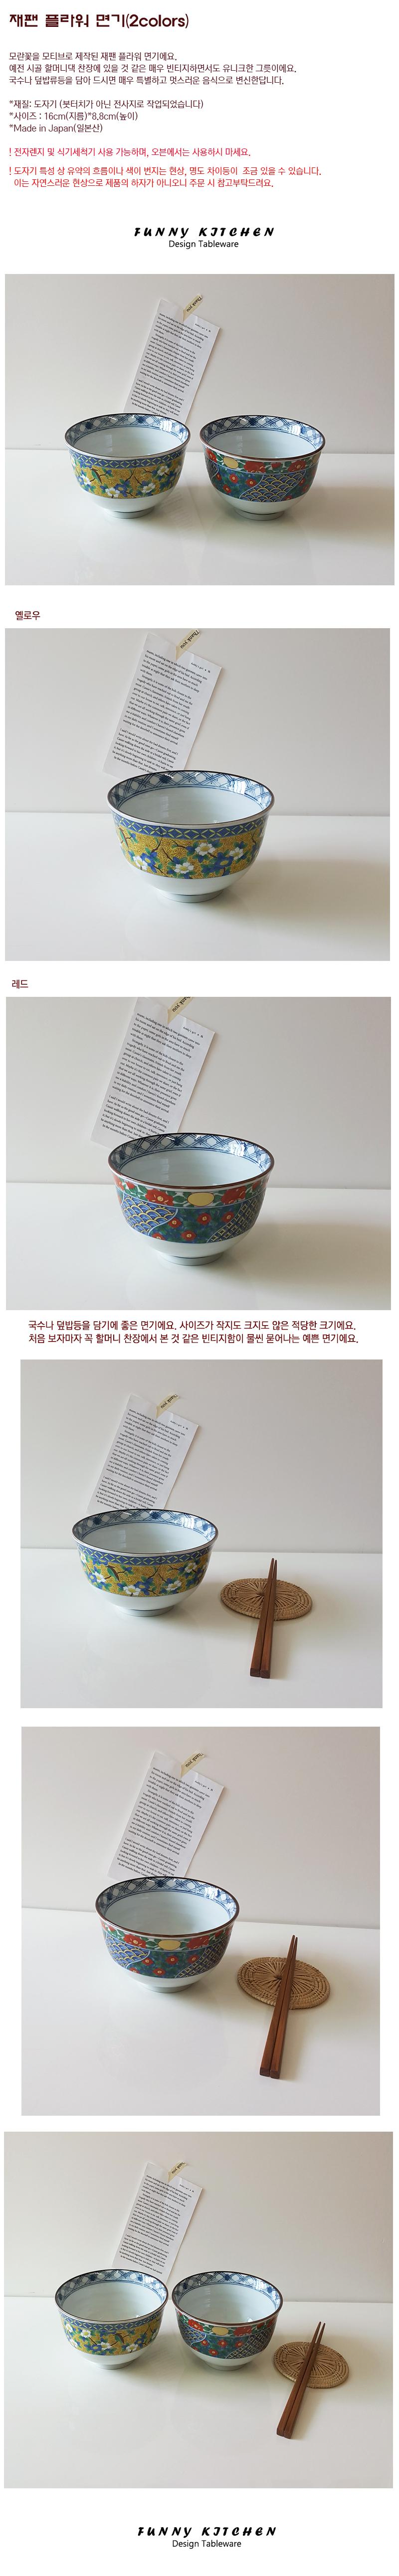 재팬 플라워 면기 냉면그릇 돈부리그릇 - 퍼니키친, 16,000원, 파스타/면기/스프, 면기